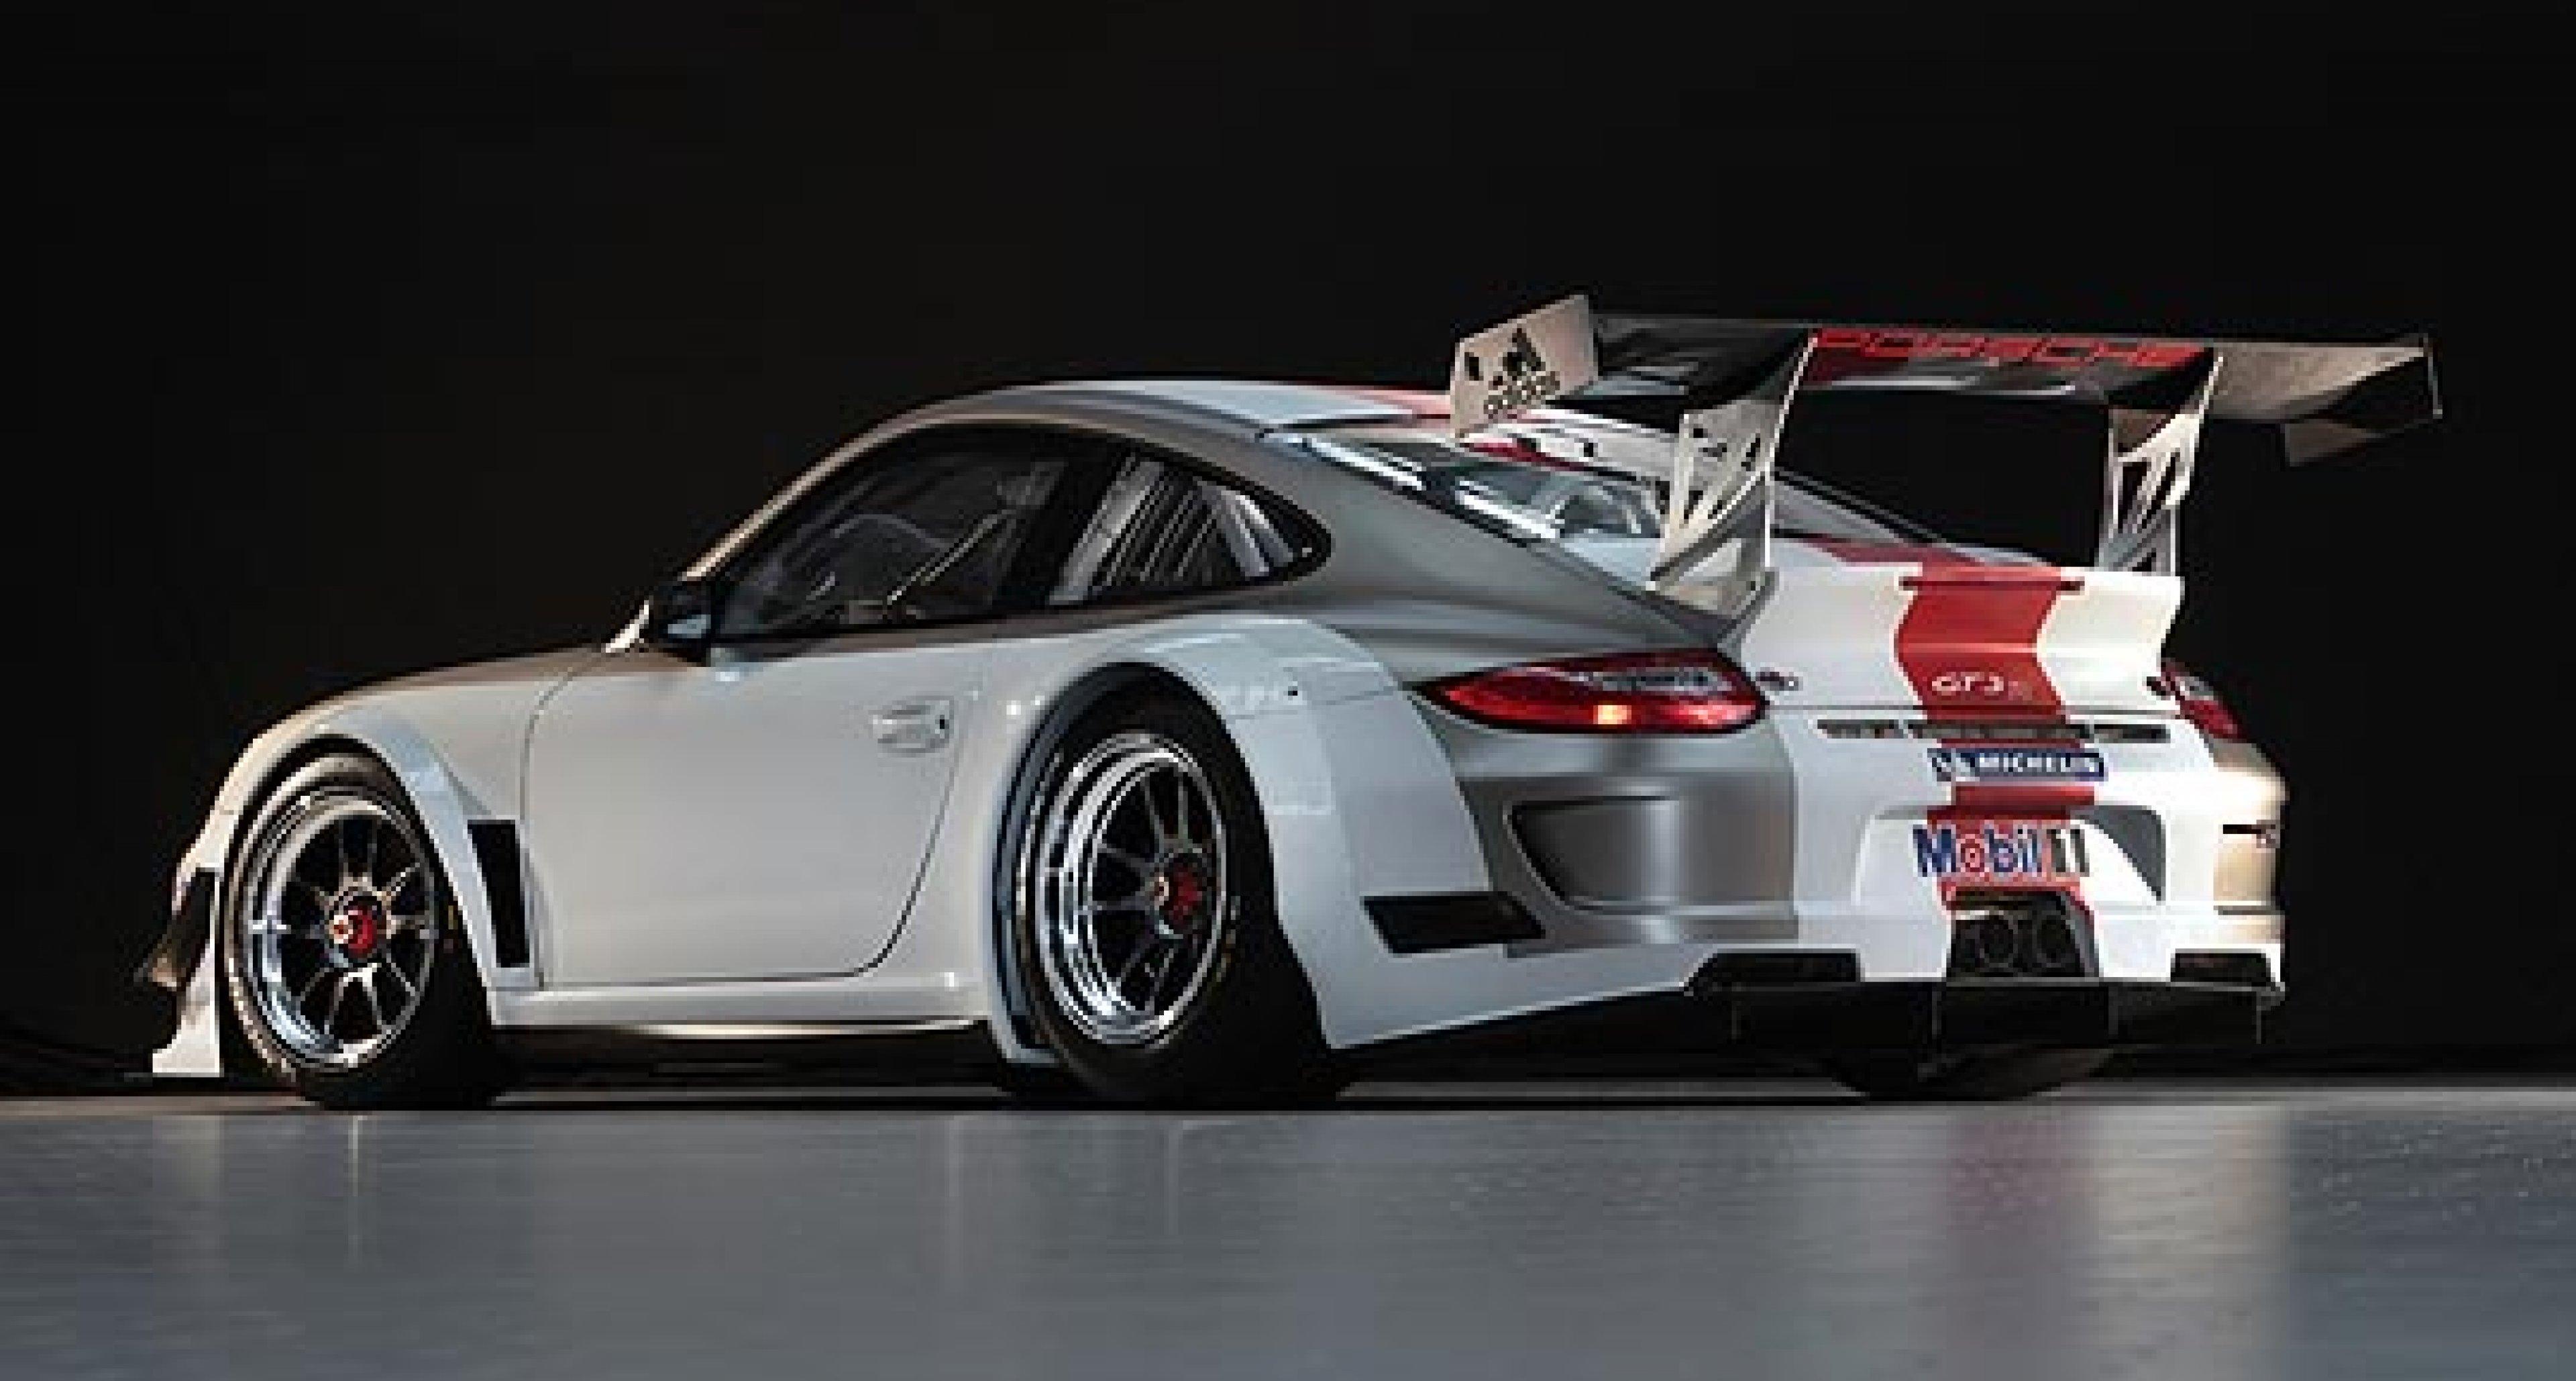 Porsche 911 GT3 R to Make World Debut in UK